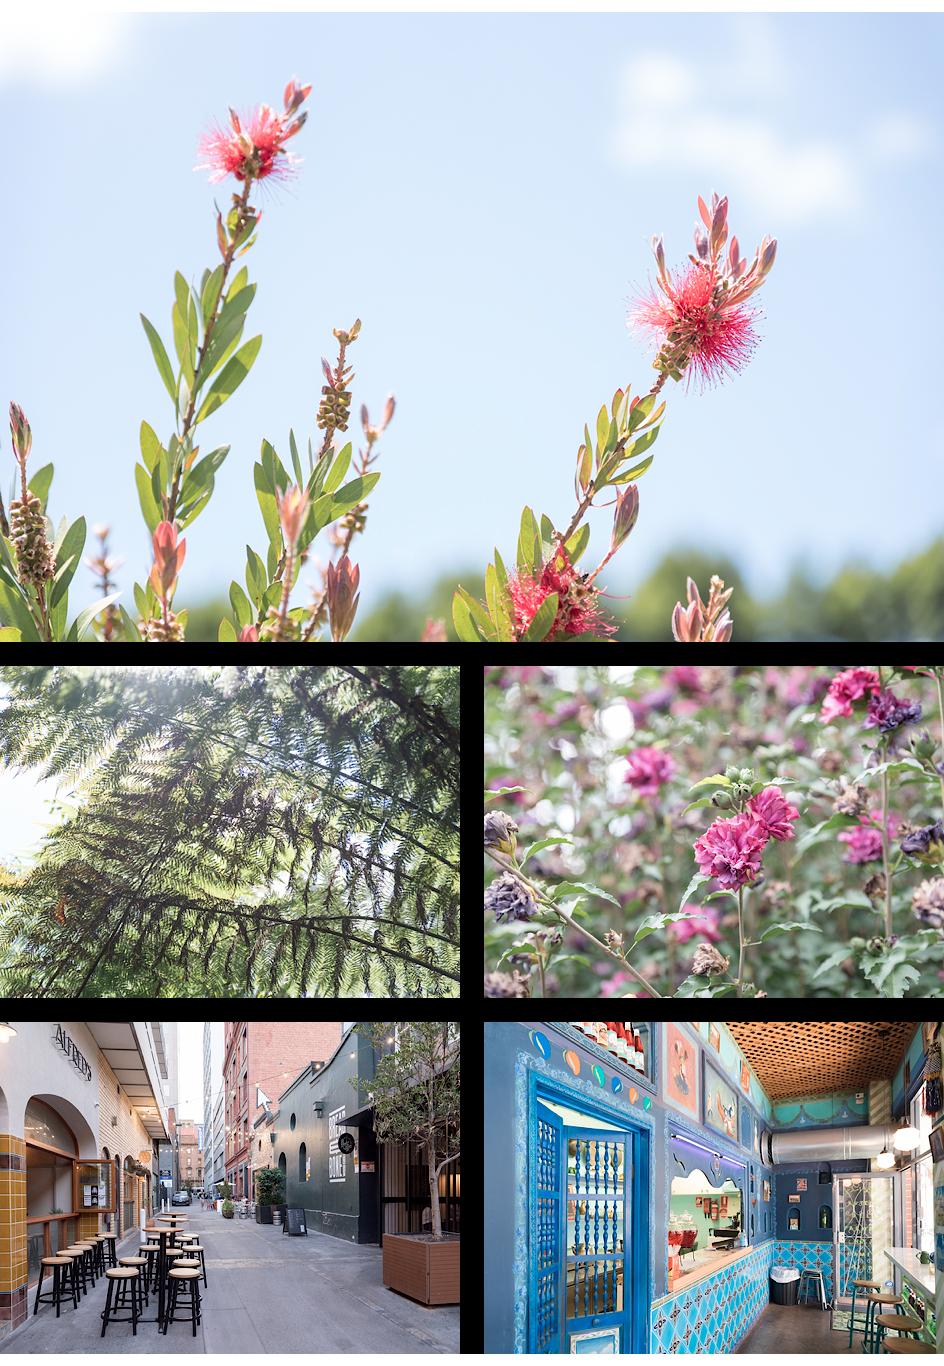 Botanischer Garten, La Moka in der Peel Street, Kutchi Deli Parwana